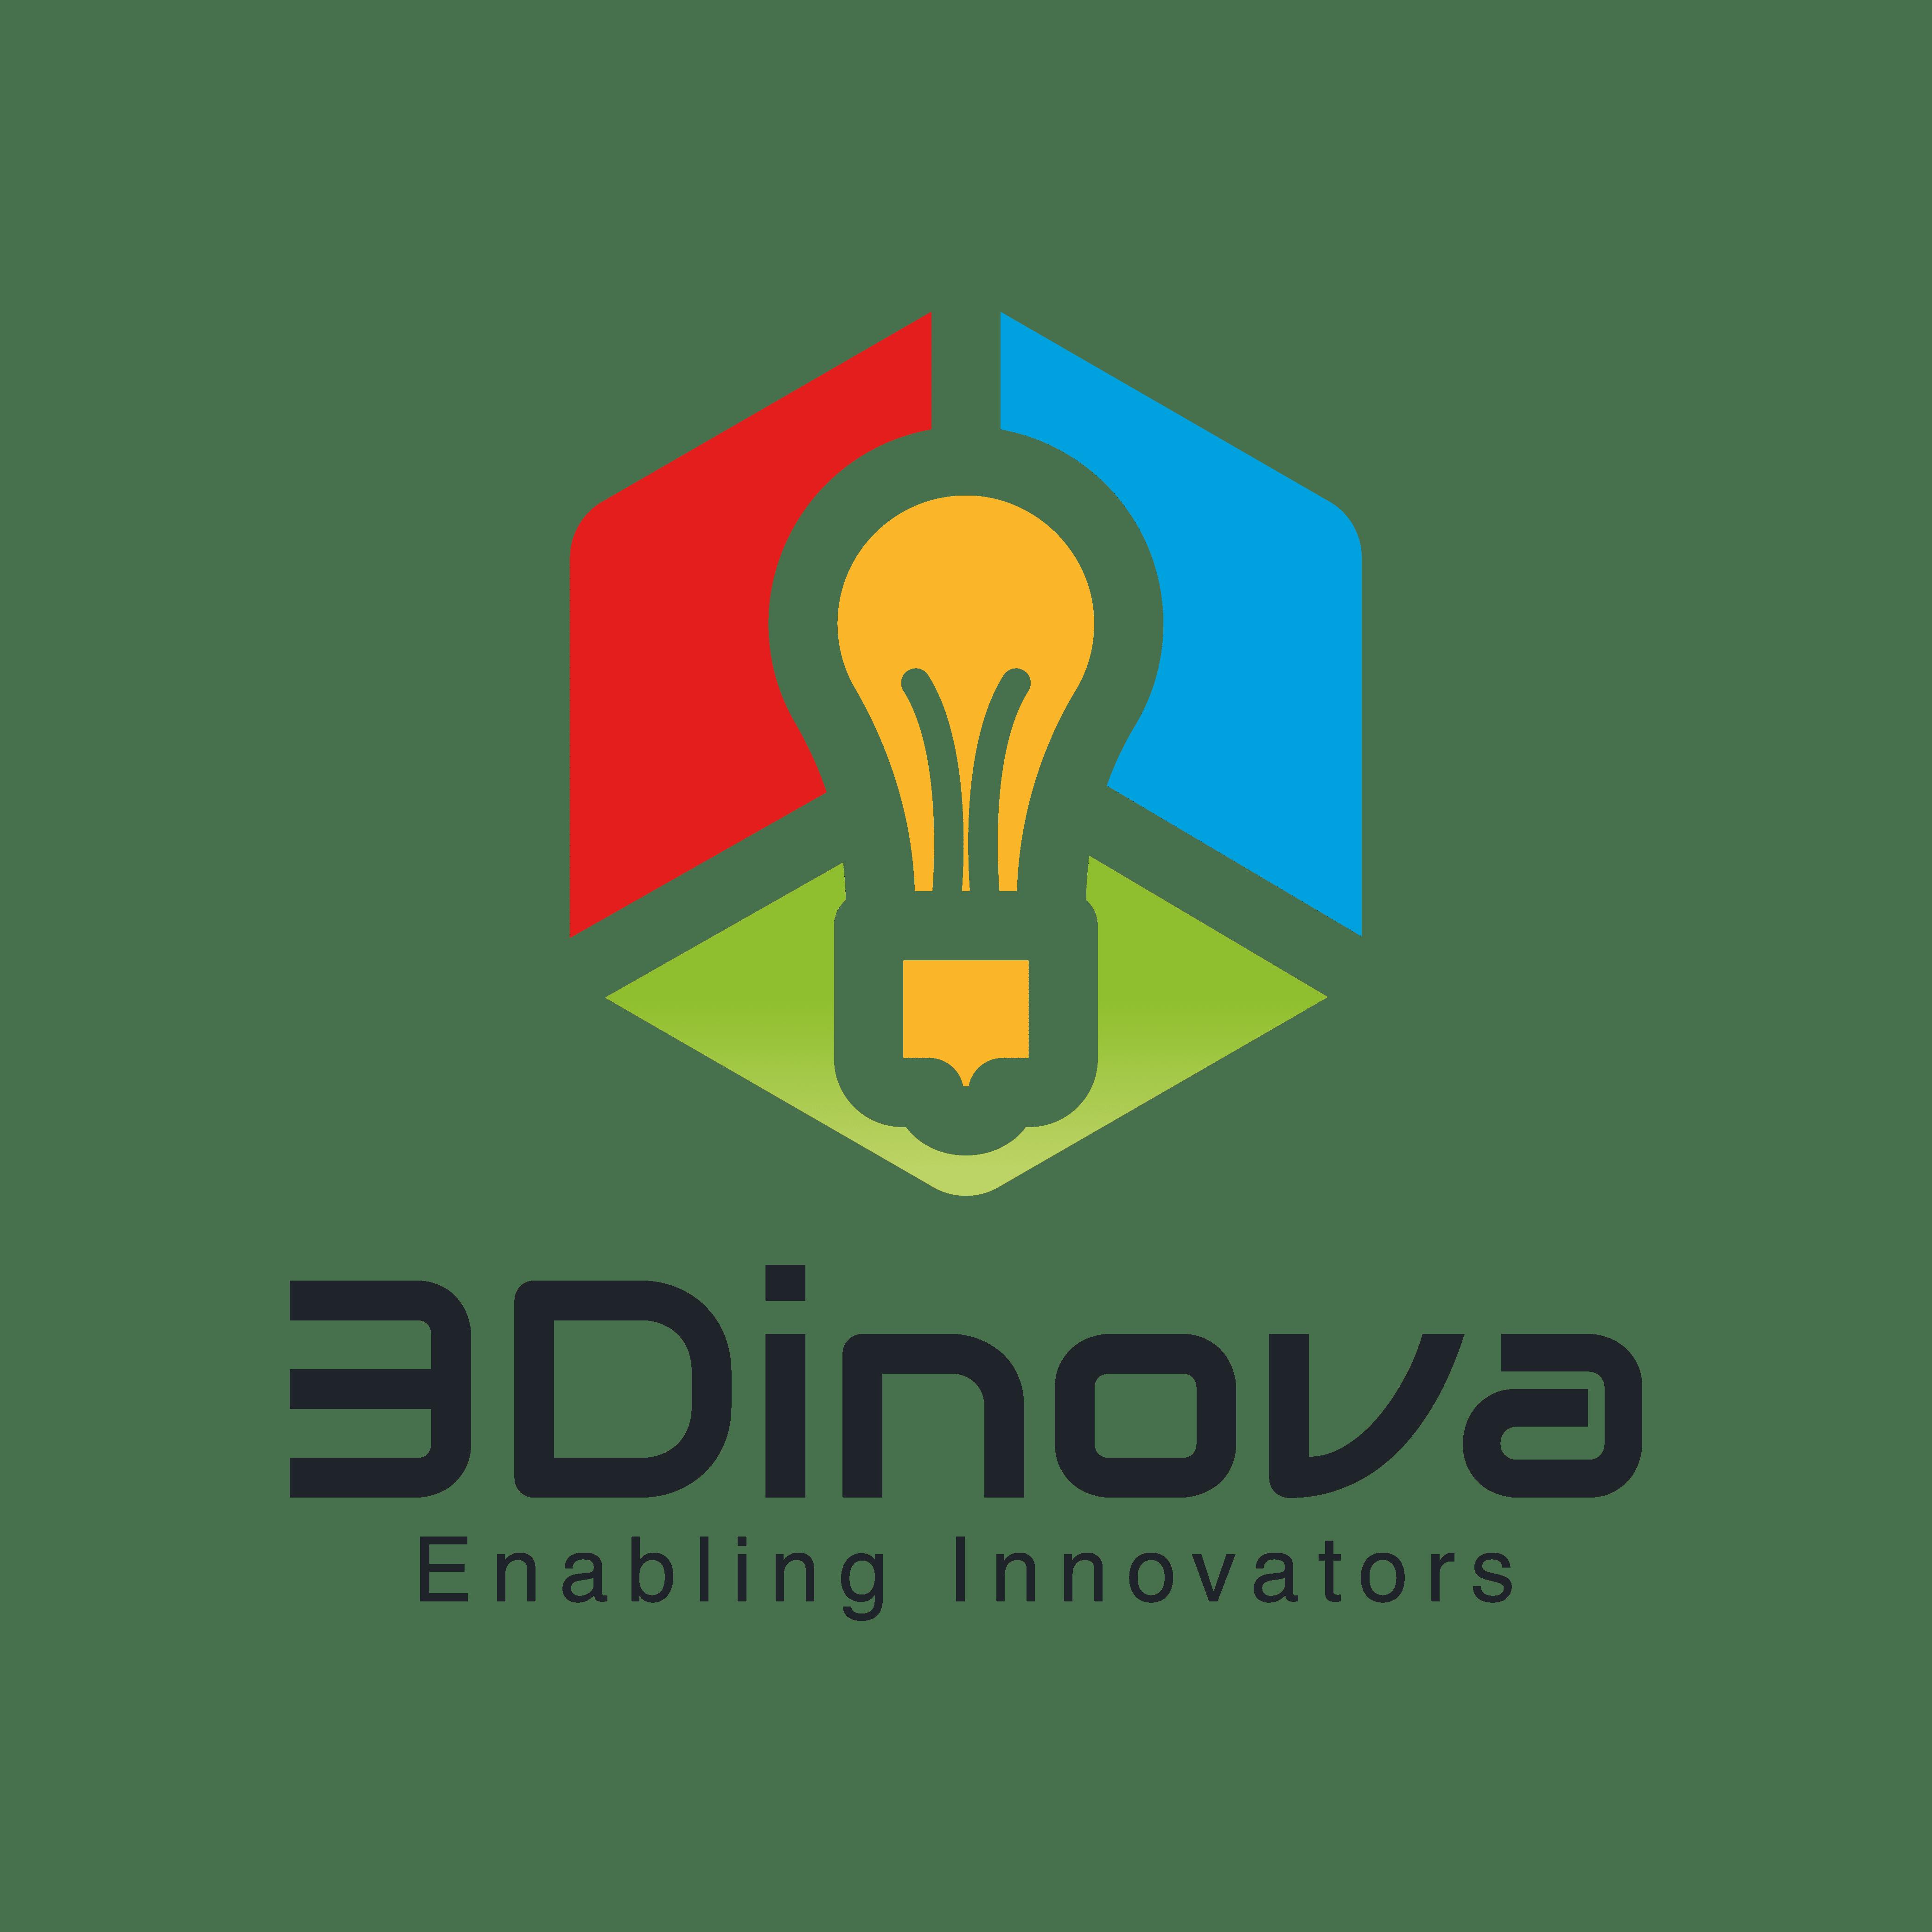 3DInova logo